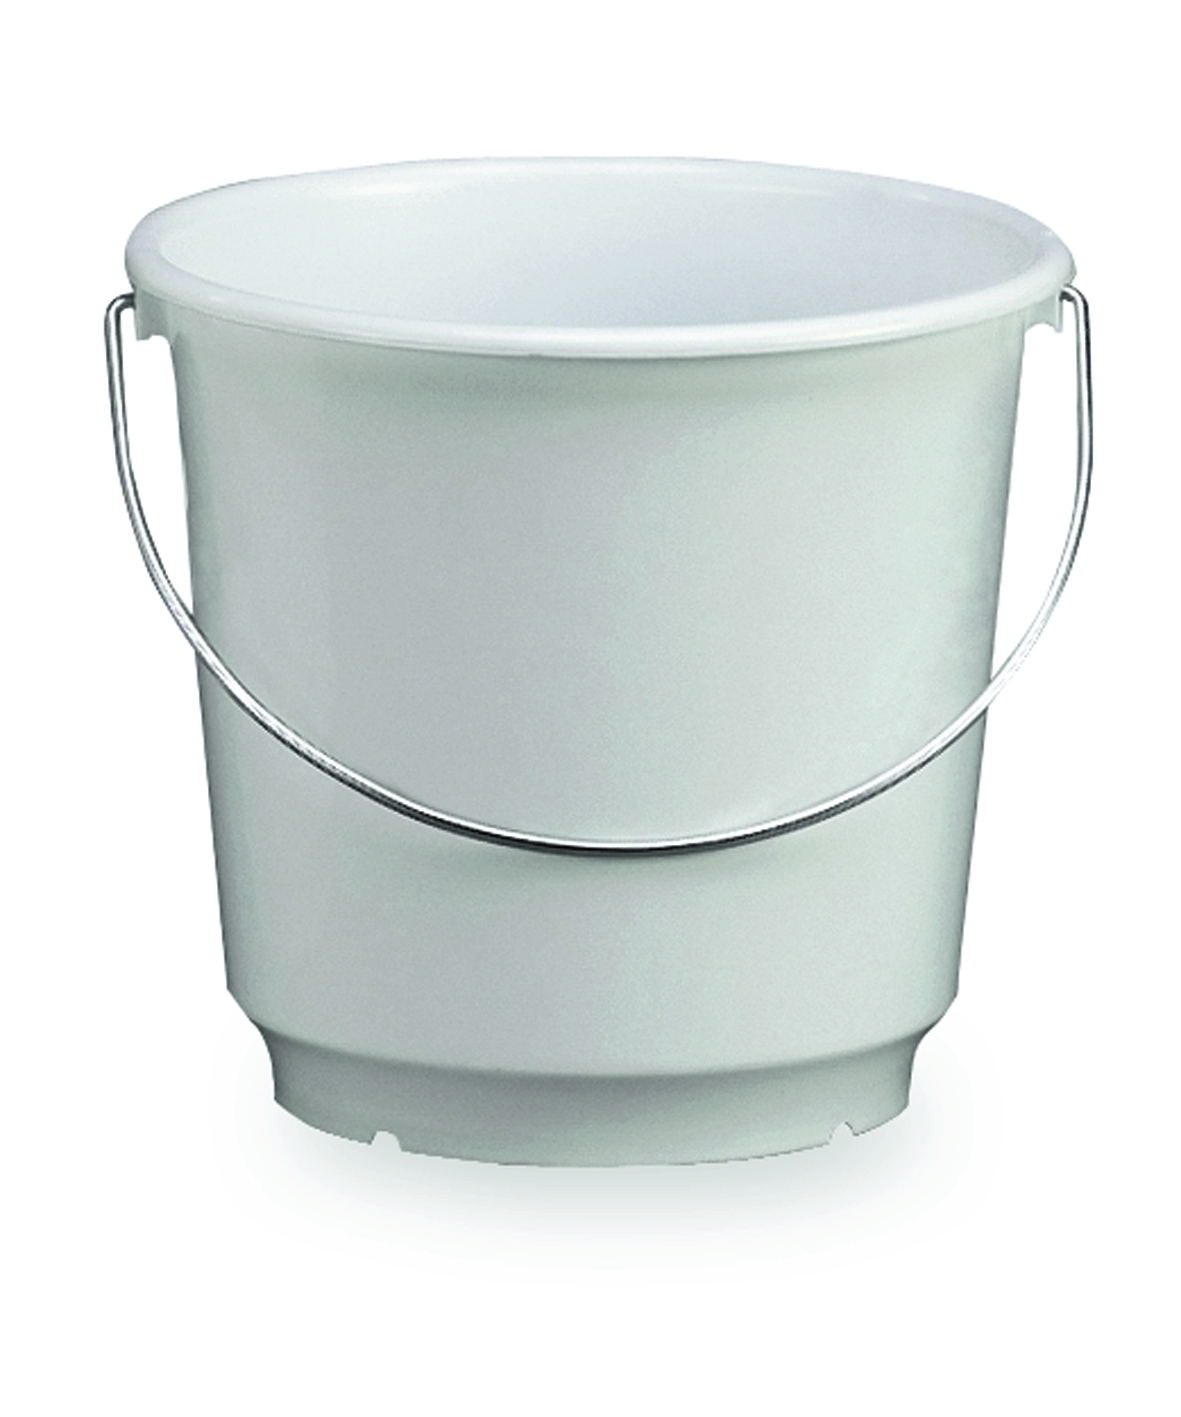 eimer 34 cm 15 liter polypropylen eimer k chenbedarf gastro und hotelbedarf. Black Bedroom Furniture Sets. Home Design Ideas